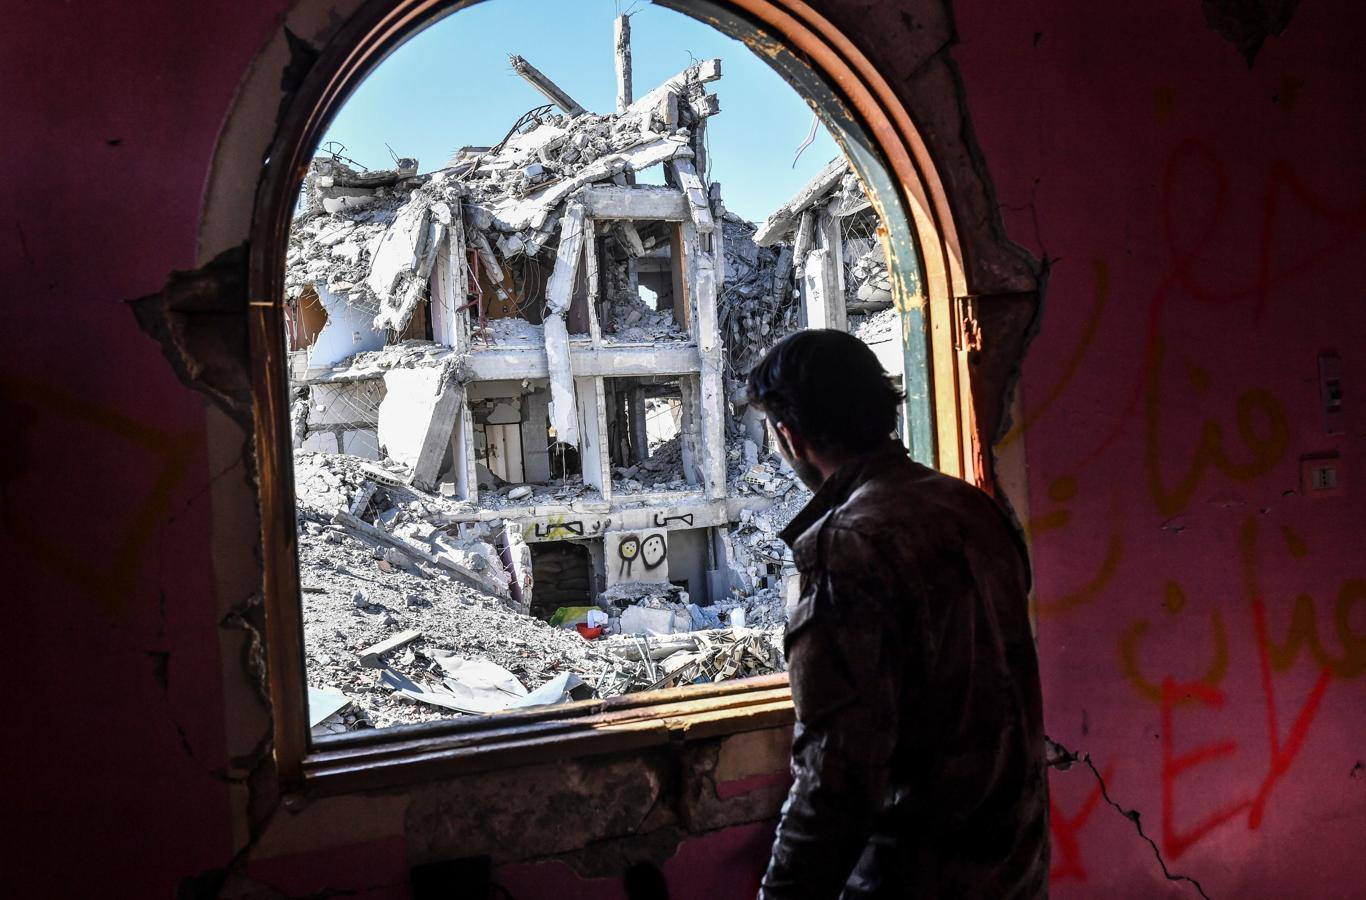 Según ha informado este martes el Observatorio Sirio para los Derechos Humanos (OSDH). Raqqa ha dejado de estar controlado por el Daesh